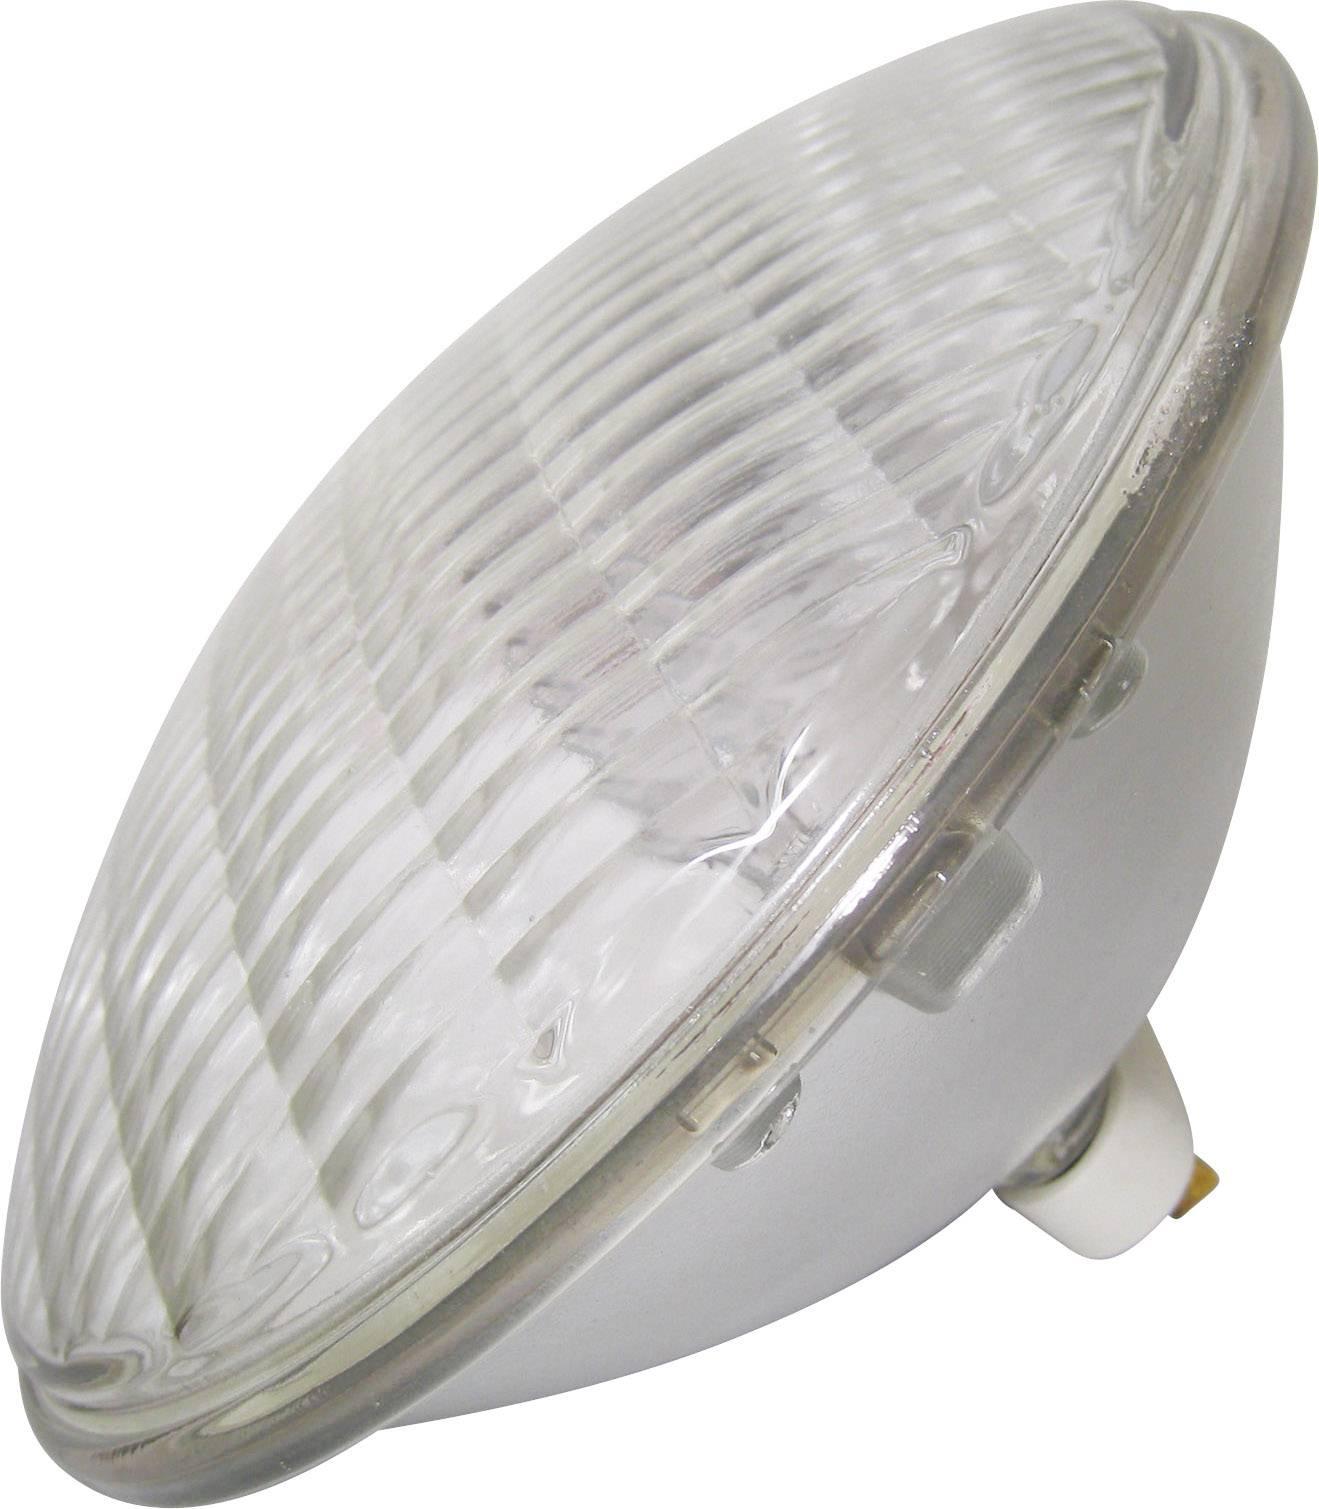 Reflektorová žiarovka PAR 56, GX16d, 300 W, typ flood